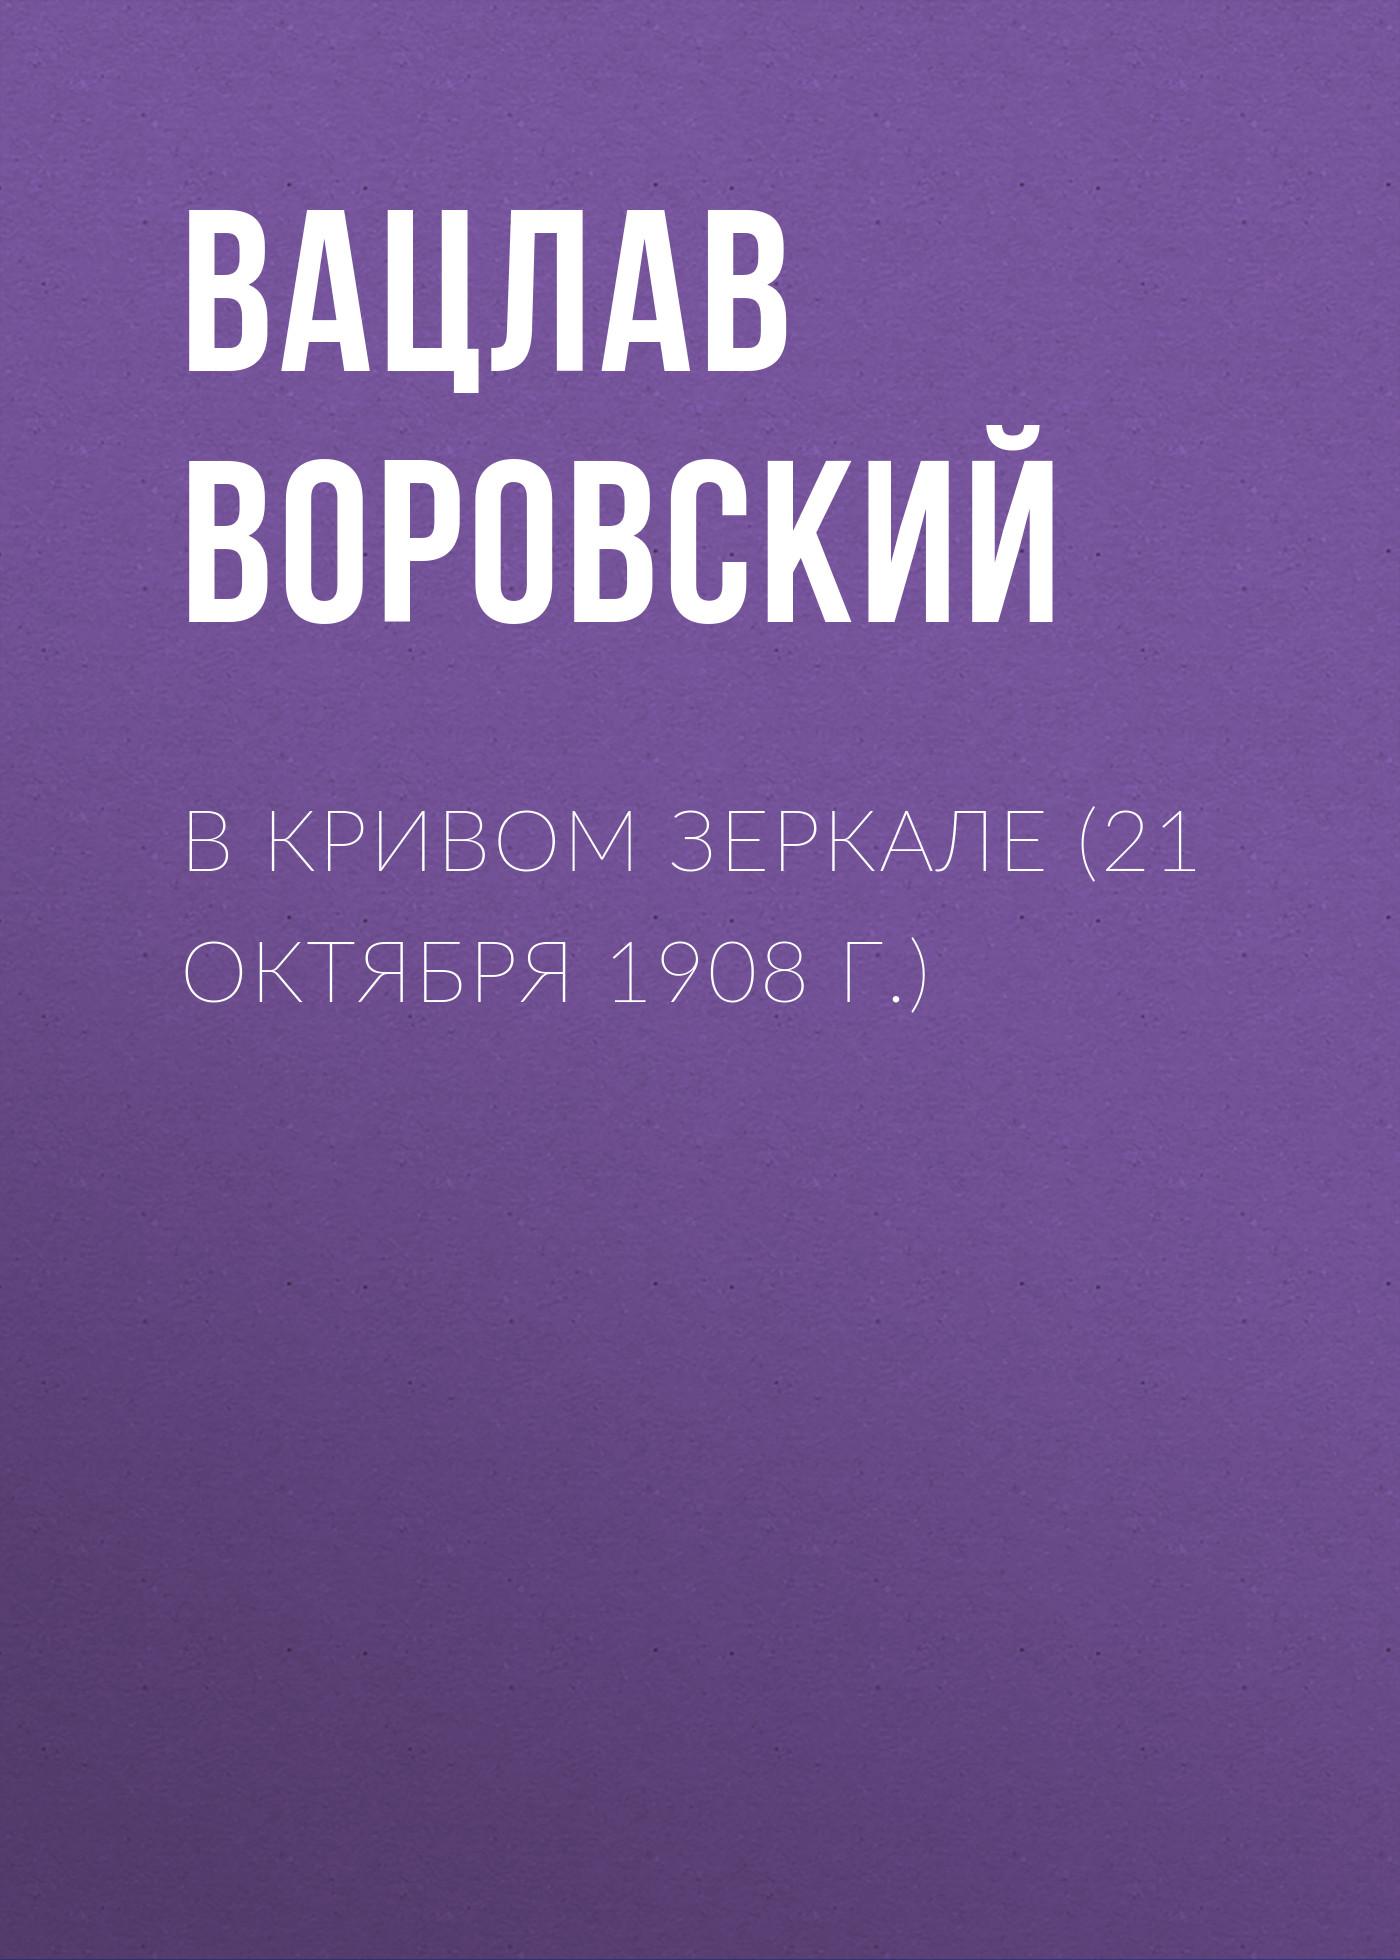 Вацлав Воровский В кривом зеркале (21 октября 1908 г.) вацлав воровский на лысой горе